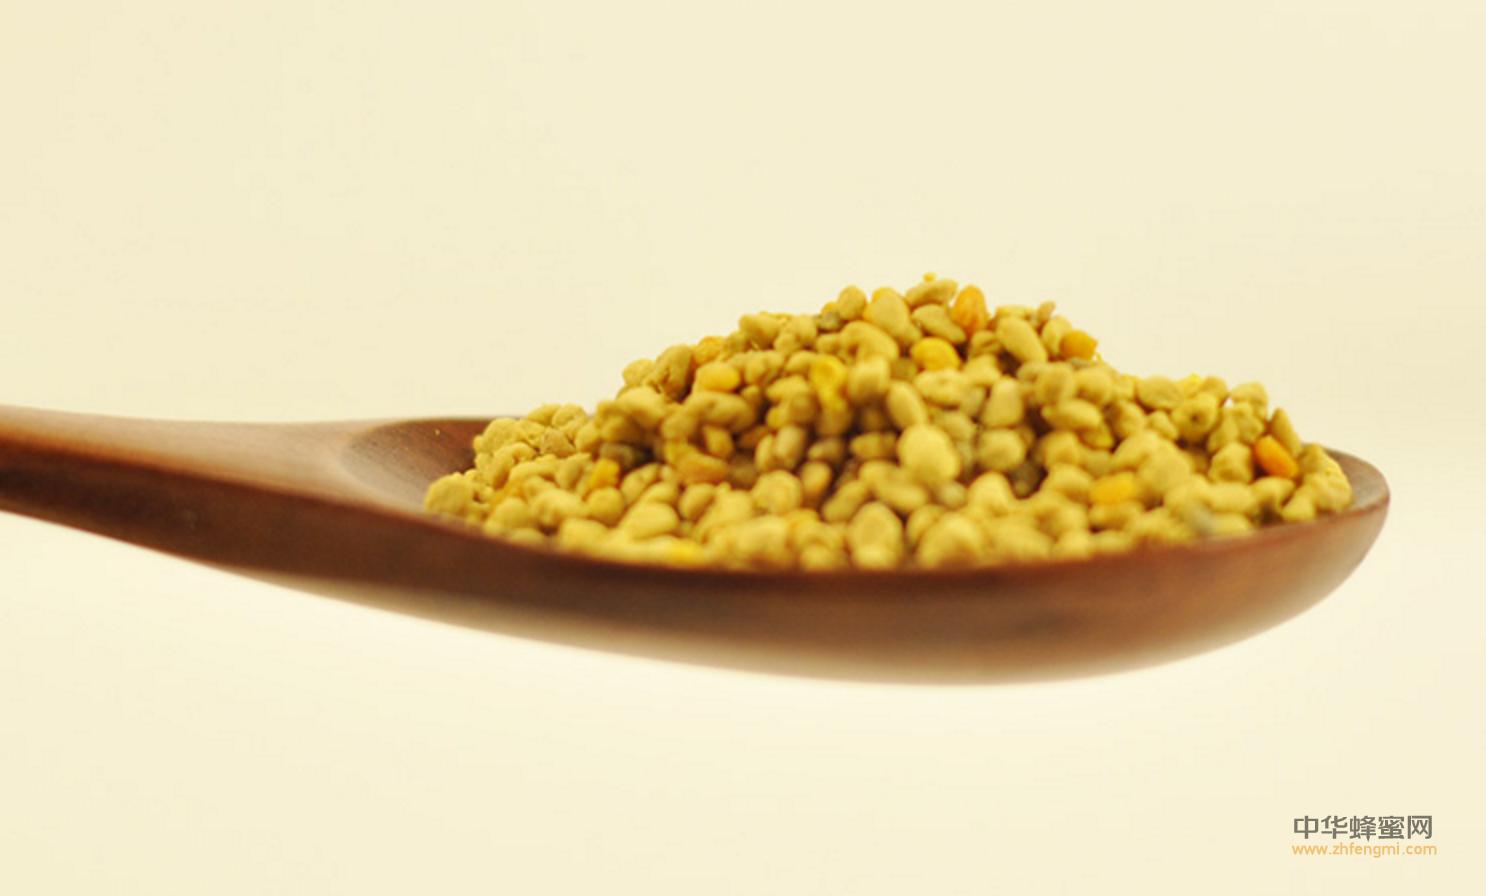 蜂花粉 蜂花粉的成分 蛋白质 花粉过敏